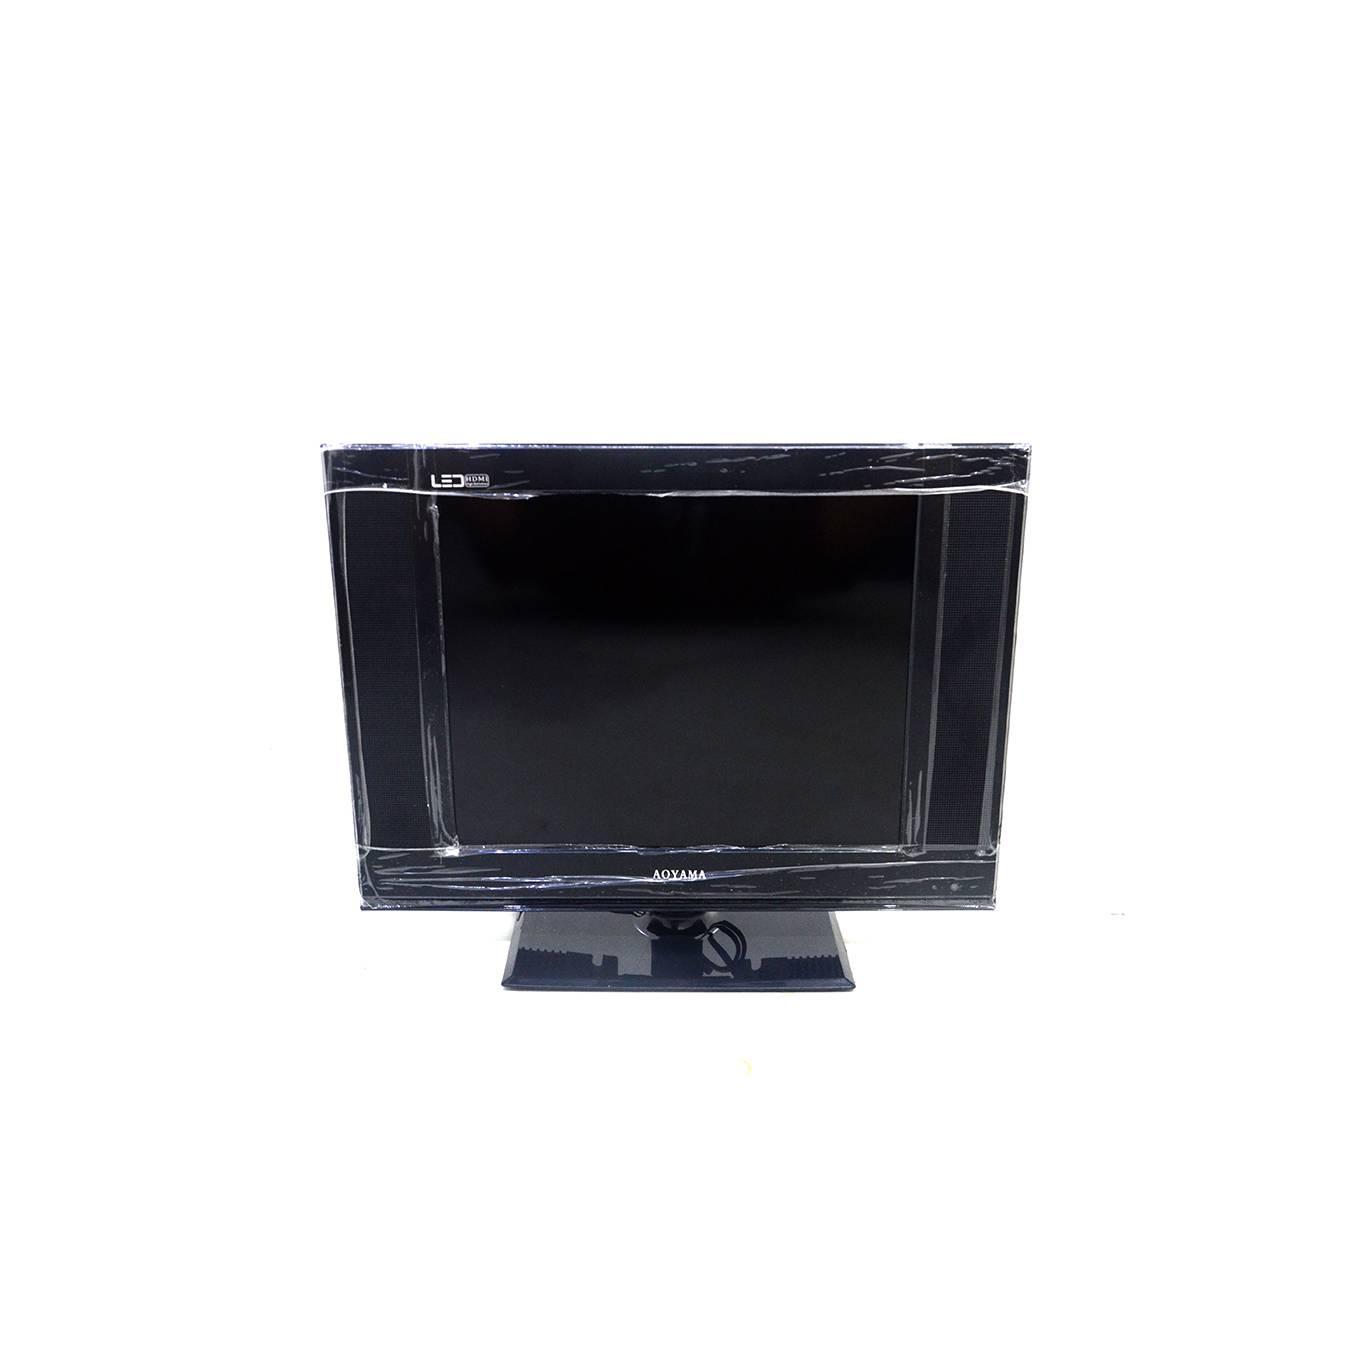 Aoyama TV LED 17